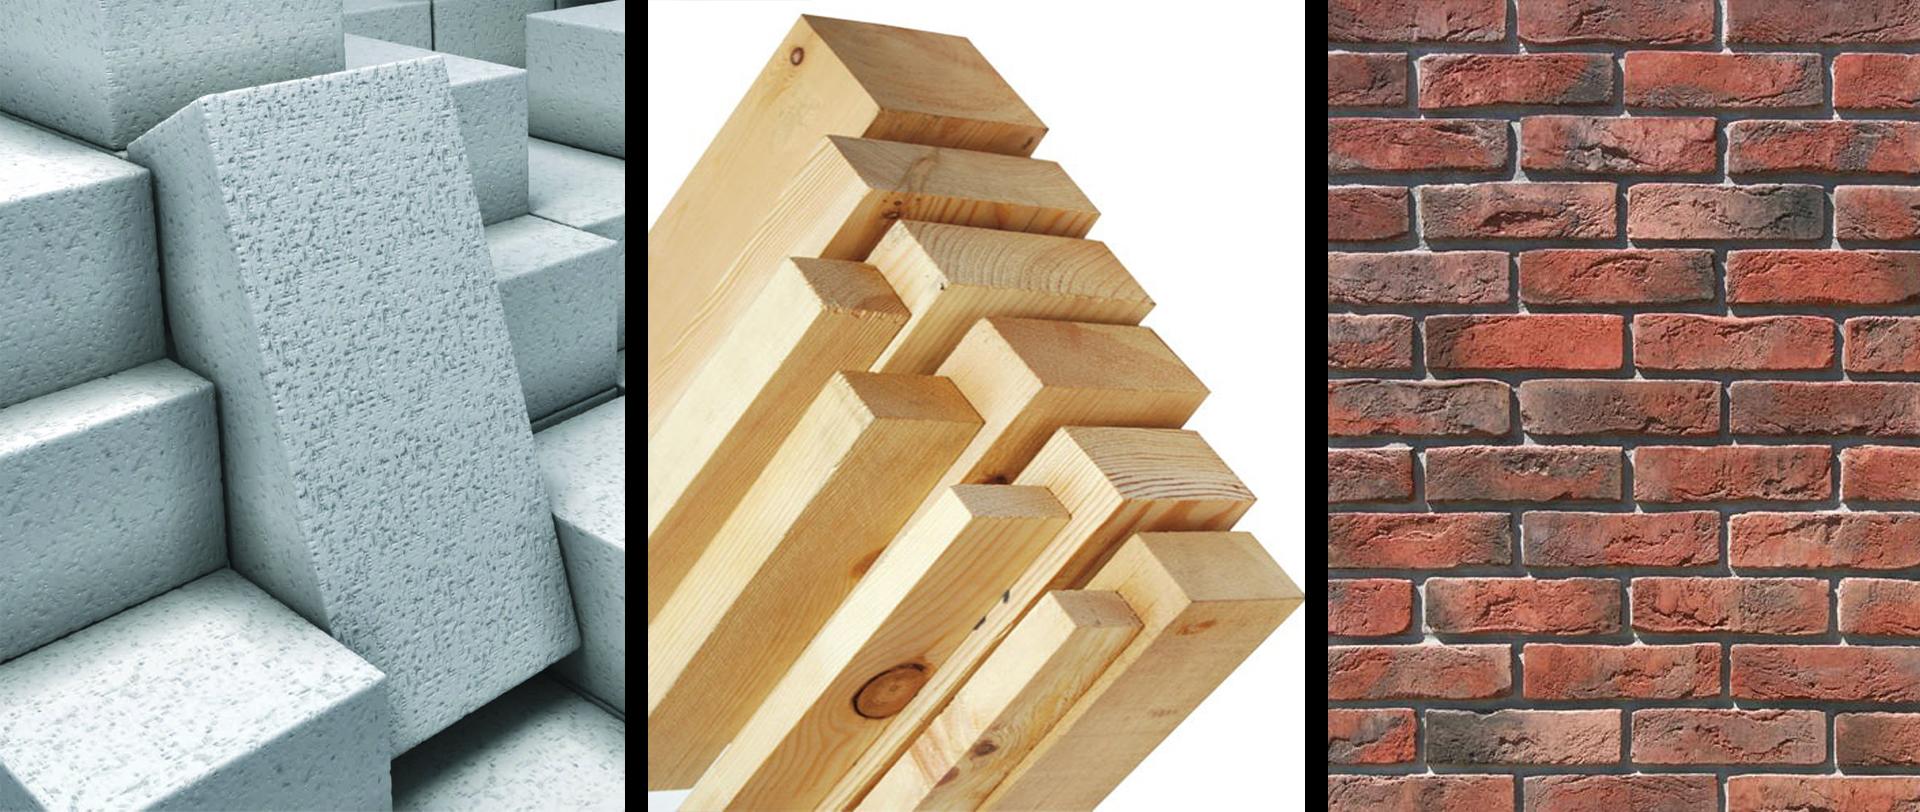 Картинки по запросу Как купить материалы для строительства дома?